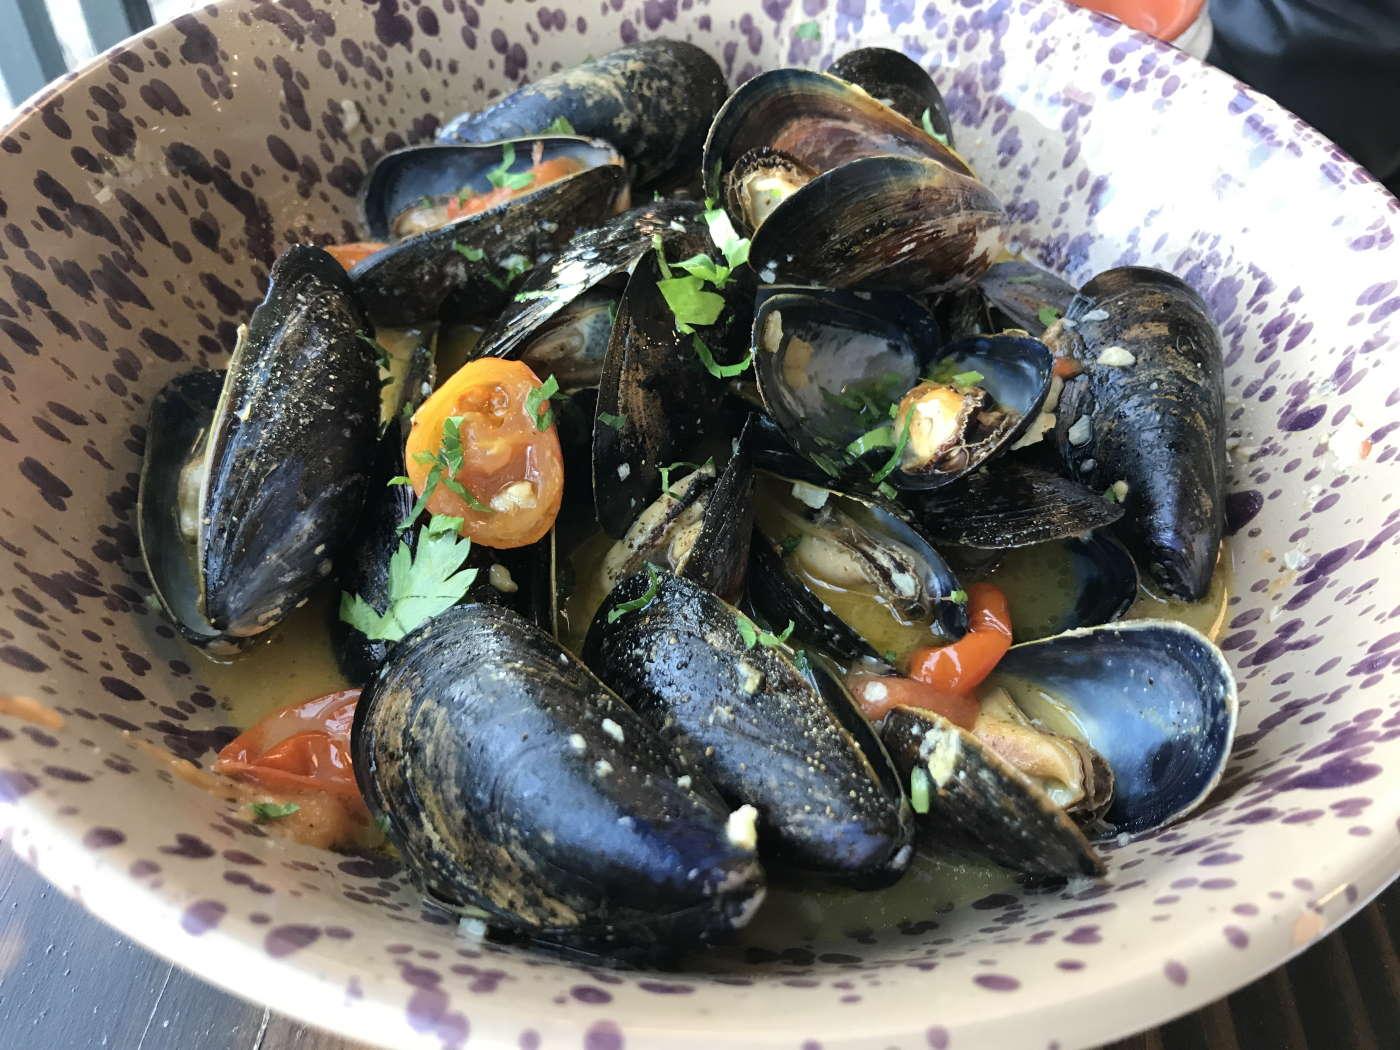 Steamed clams at La Puglia